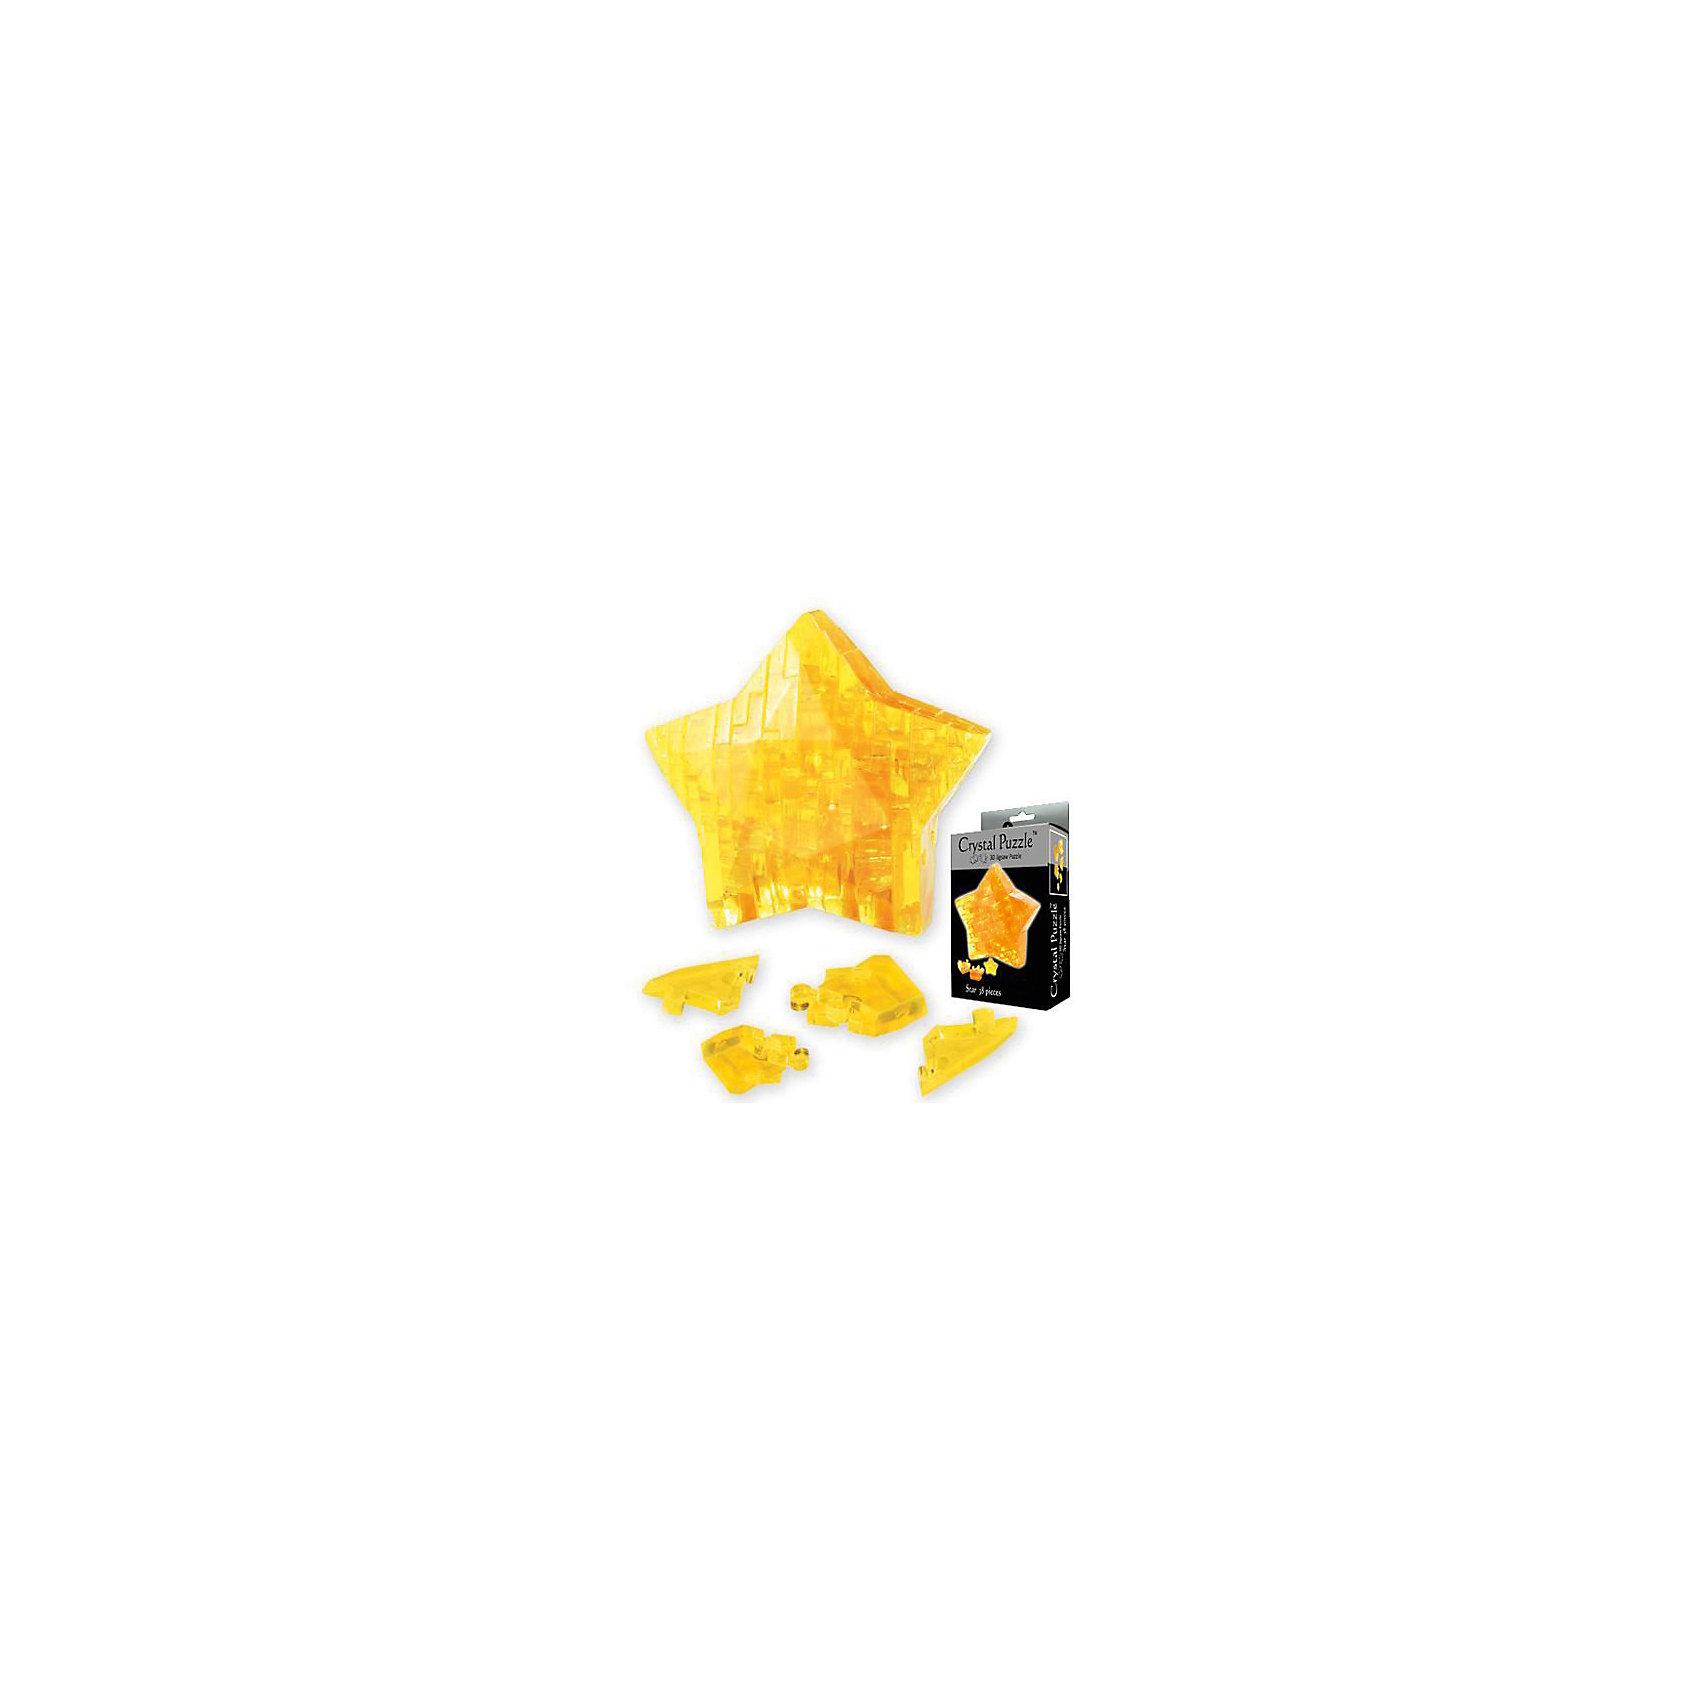 Кристаллический пазл 3D Звезда, Crystal Puzzle3D пазлы<br>Кристаллический пазл 3D Звезда, Crystal Puzzle (Кристал Пазл)<br><br>Характеристики:<br><br>• яркий объемный пазл<br>• размер готовой фигурки: 8 см<br>• количество деталей: 38<br>• высокая сложность<br>• размер упаковки: 5х14х10 см<br>• вес: 154 грамма<br>• материал: пластик<br><br>Всего лишь из 38 деталей можно собрать прекрасную звезду, которая ещё долго будет радовать вас своей красотой и сиянием. Однако процесс сборки не так прост, и вам может потребоваться помощь инструкции. Разложите детали по номерам и соедините их в правильной последовательности - прекрасная звезда готова! Вы можете использовать её в качестве сувенира или подарка. Кроме того, процесс сборки способствует развитию логического мышления, усидчивости и координации движений.<br><br>Кристаллический пазл 3D Звезда, Crystal Puzzle (Кристал Пазл) можно купить в нашем интернет-магазине.<br><br>Ширина мм: 100<br>Глубина мм: 140<br>Высота мм: 50<br>Вес г: 154<br>Возраст от месяцев: 120<br>Возраст до месяцев: 2147483647<br>Пол: Унисекс<br>Возраст: Детский<br>SKU: 5397254